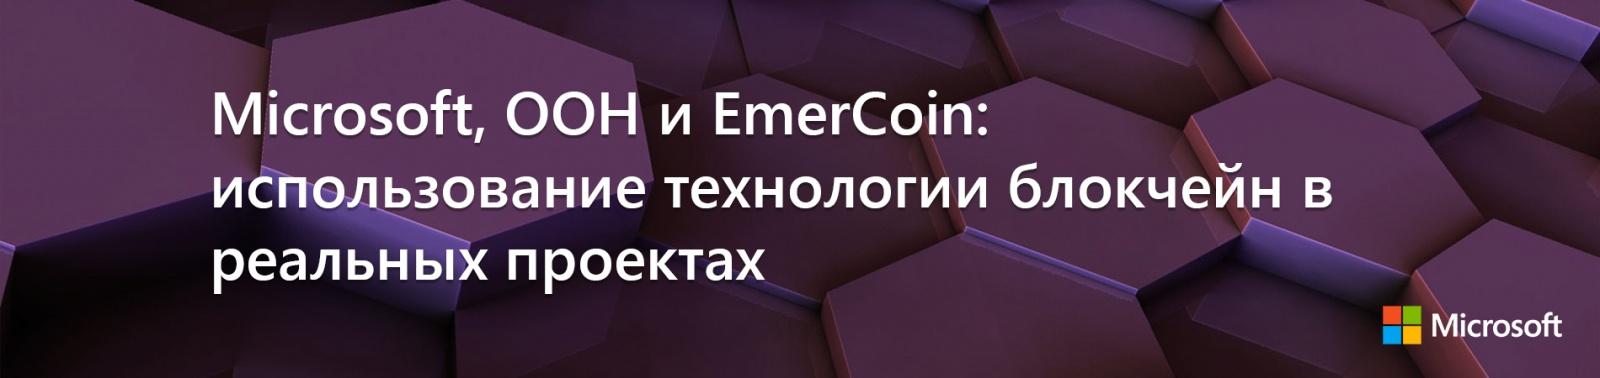 Microsoft, ООН и EmerCoin: использование технологии блокчейн в реальных проектах - 1